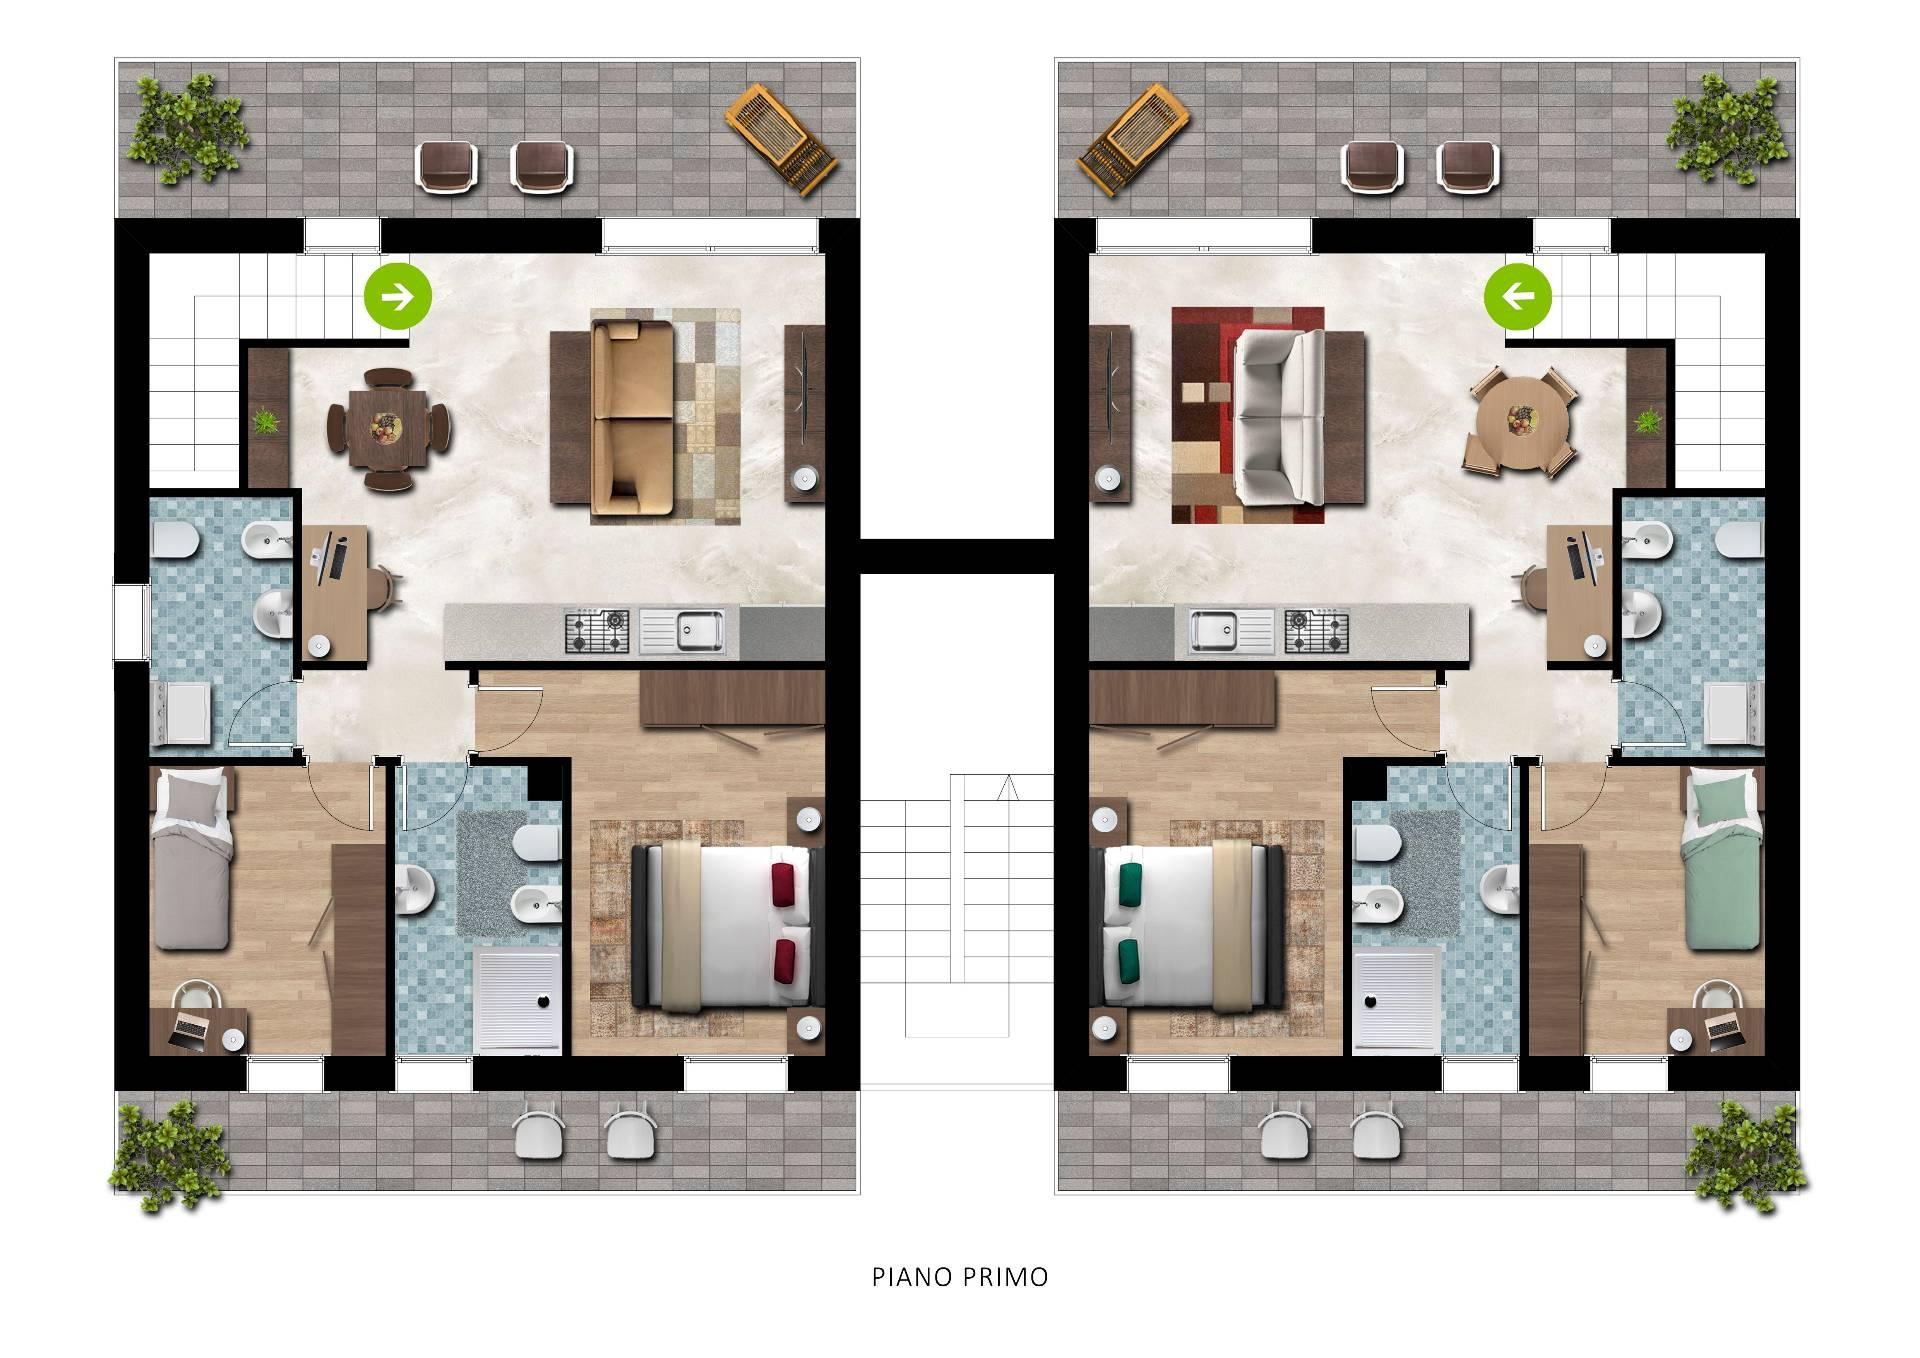 vendita appartamento casale sul sile   200000 euro  5 locali  125 mq